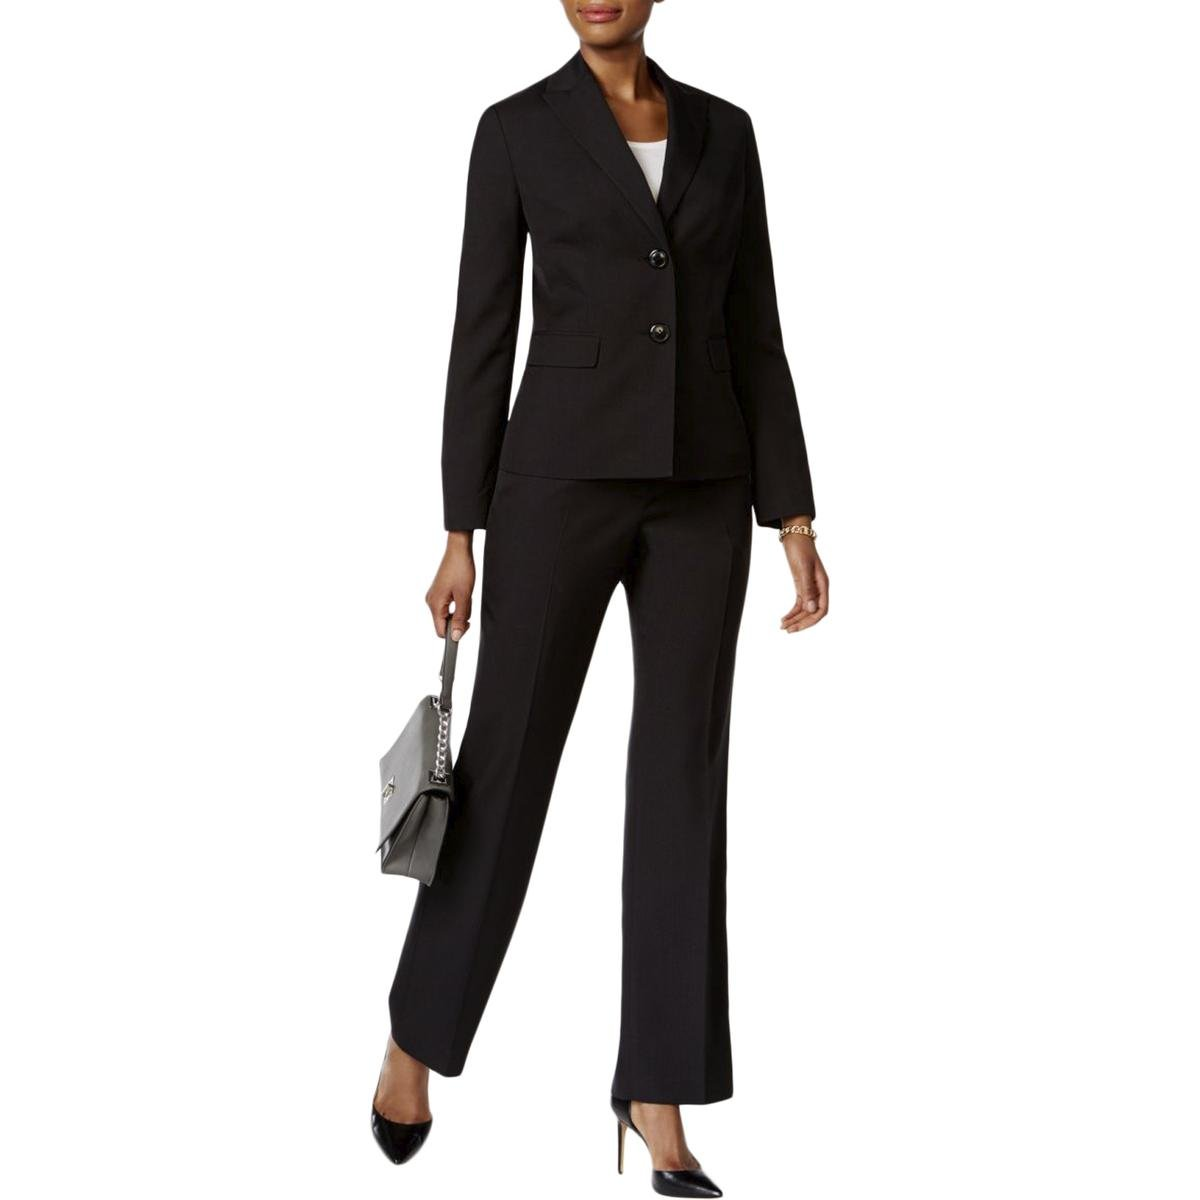 Le Suit Women's 2 Button Pant Suit, Black, 6